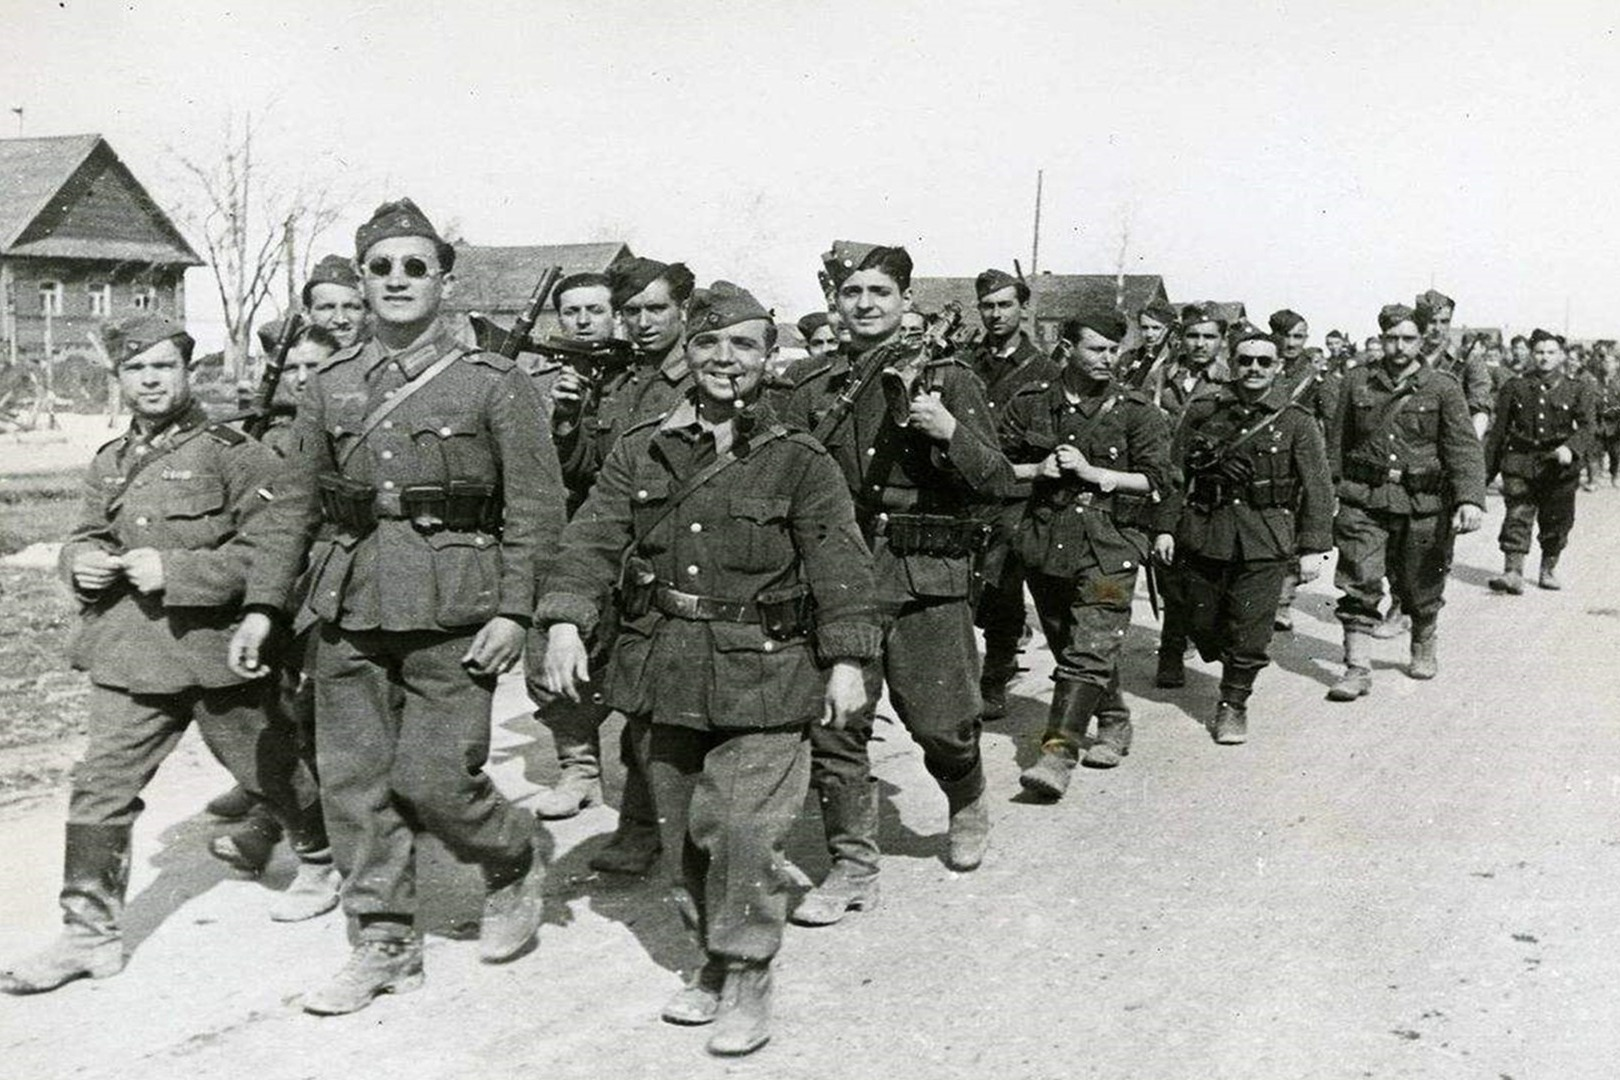 二战时,西班牙为什么能躲过战火的袭击?全因此人在各国之间周旋